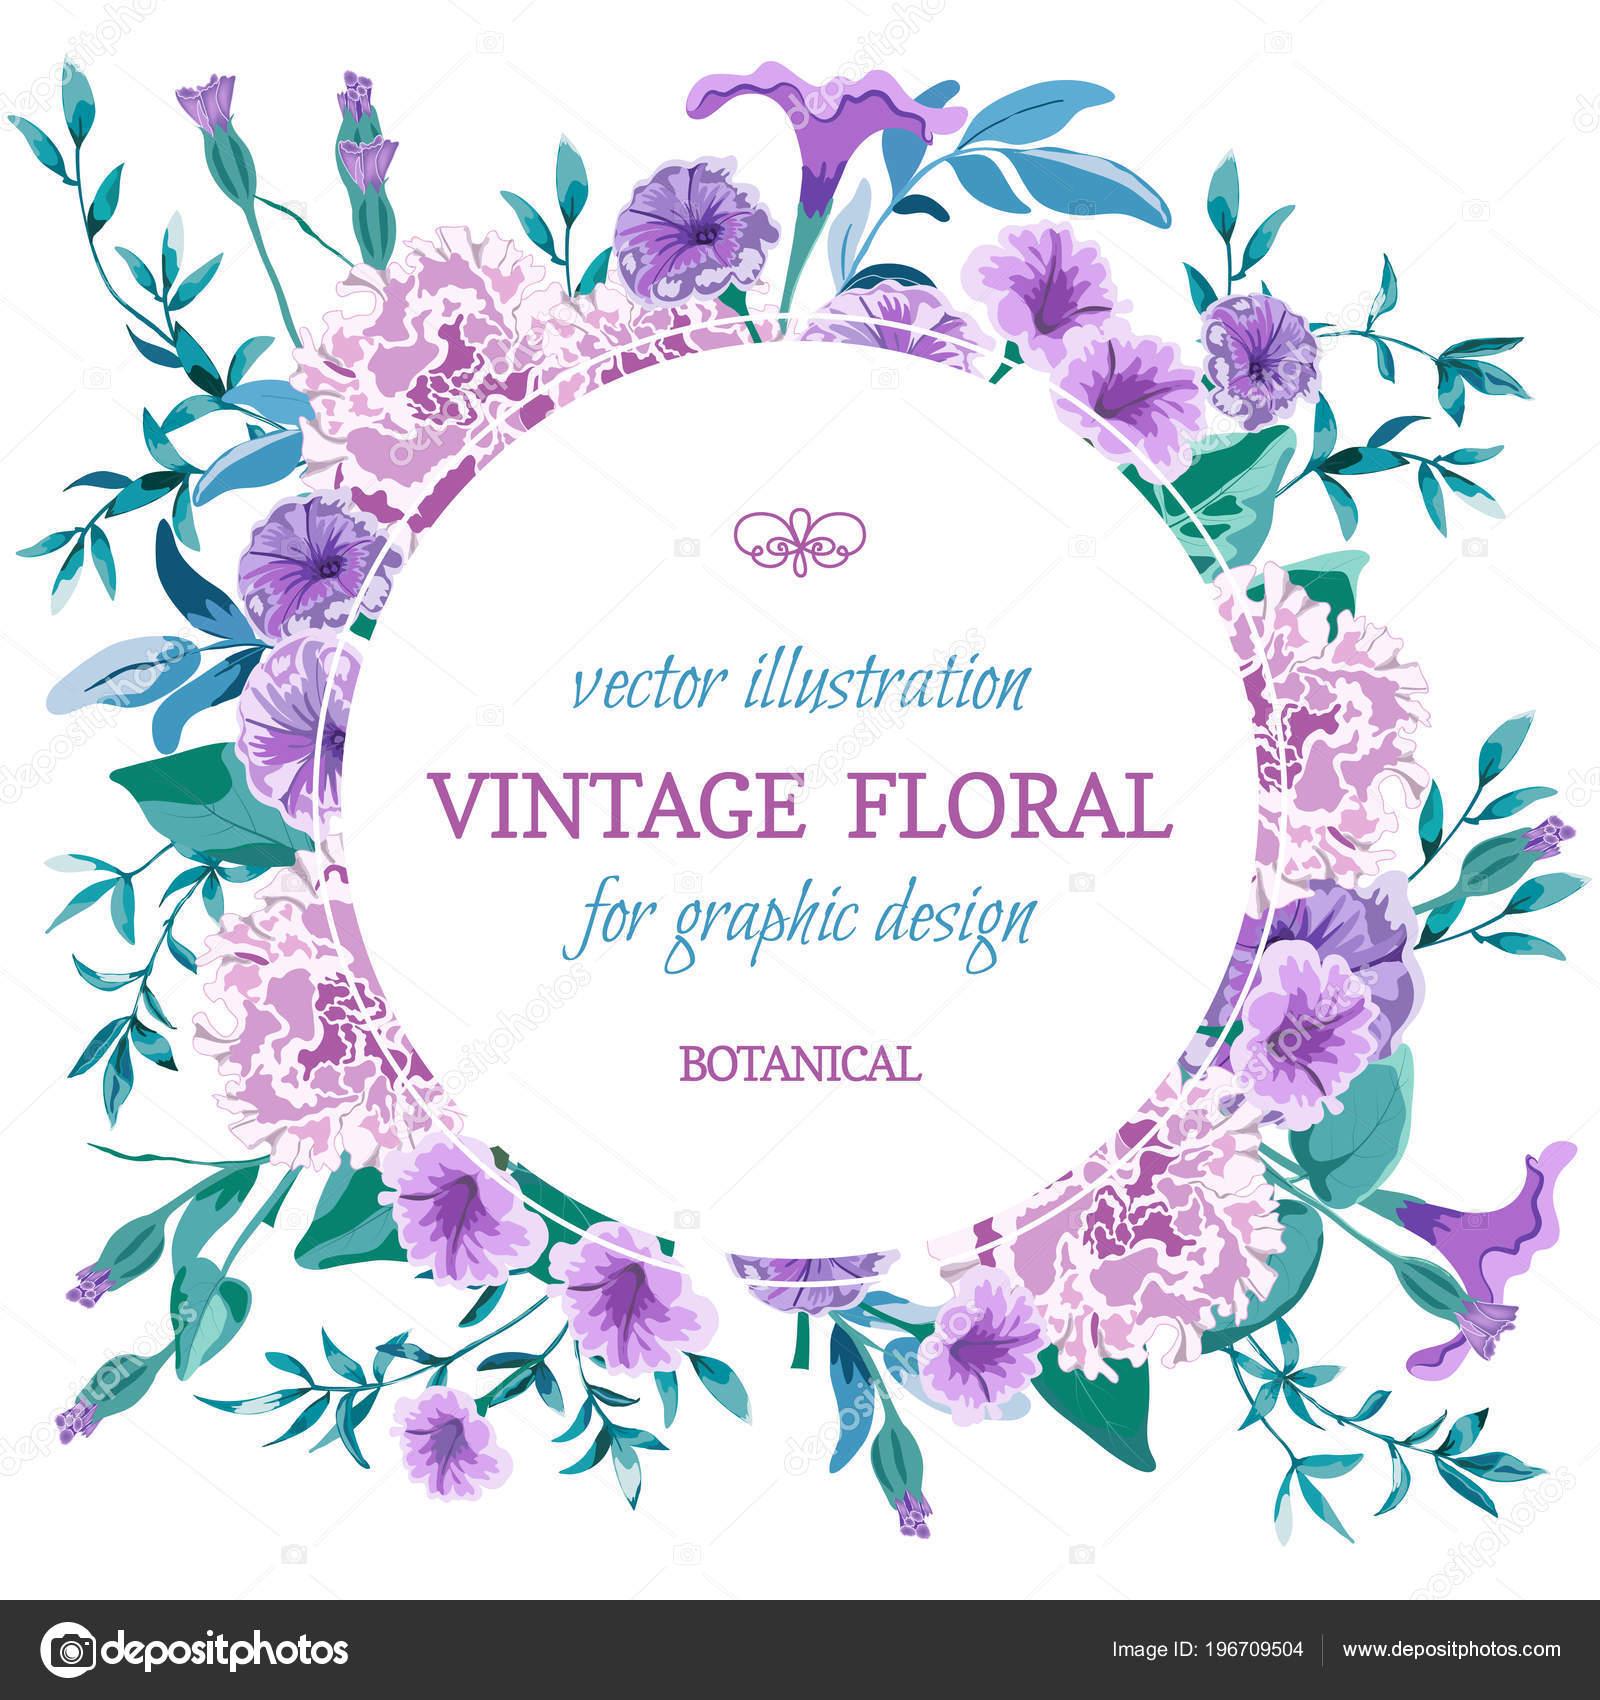 19e585e16 De fundo Vector floral vintage. Cartão de casamento com monte floral frame  redondo. Desenho em estilo aquarela flores-botânico. Petúnia, roxo de  peônia rosa ...